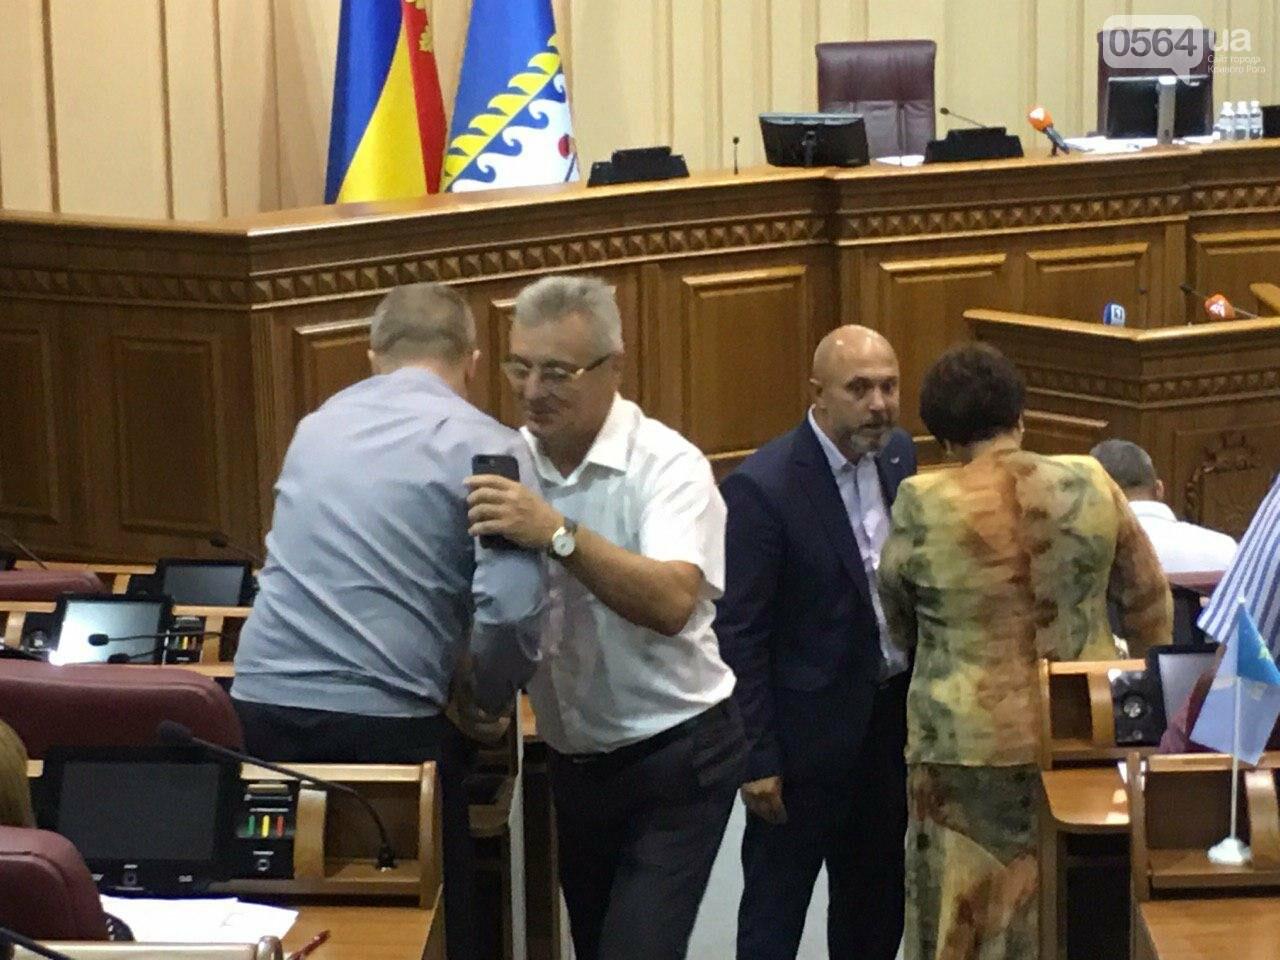 Депутат, который служит в зоне ООС, покинул фракцию Опоблока в Криворожском горсовете , - ФОТО, фото-15